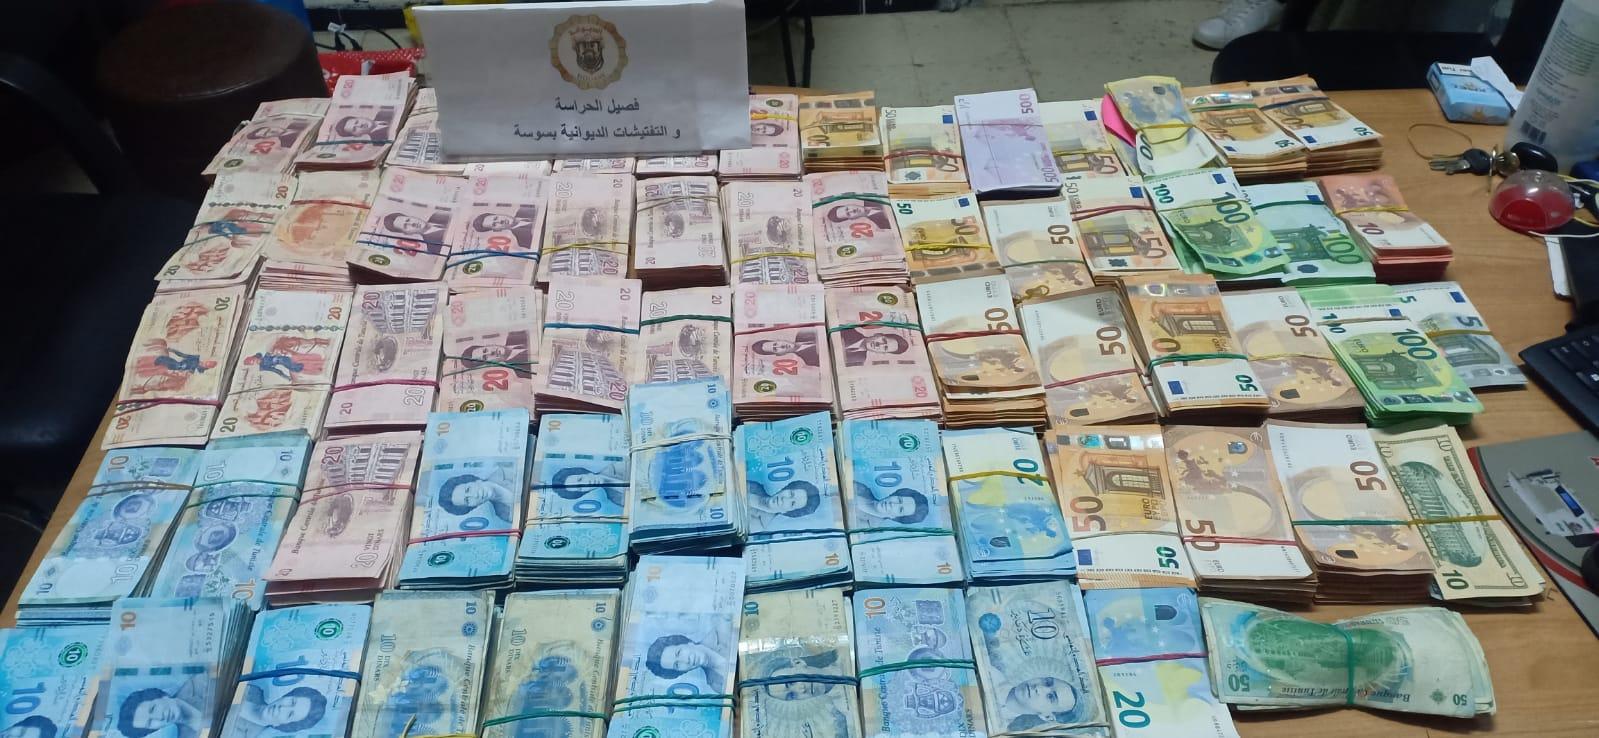 مصالح الحرس الديواني تحجز مبالغ من العملة الأجنبية بقيمة 457 ألف دينار: